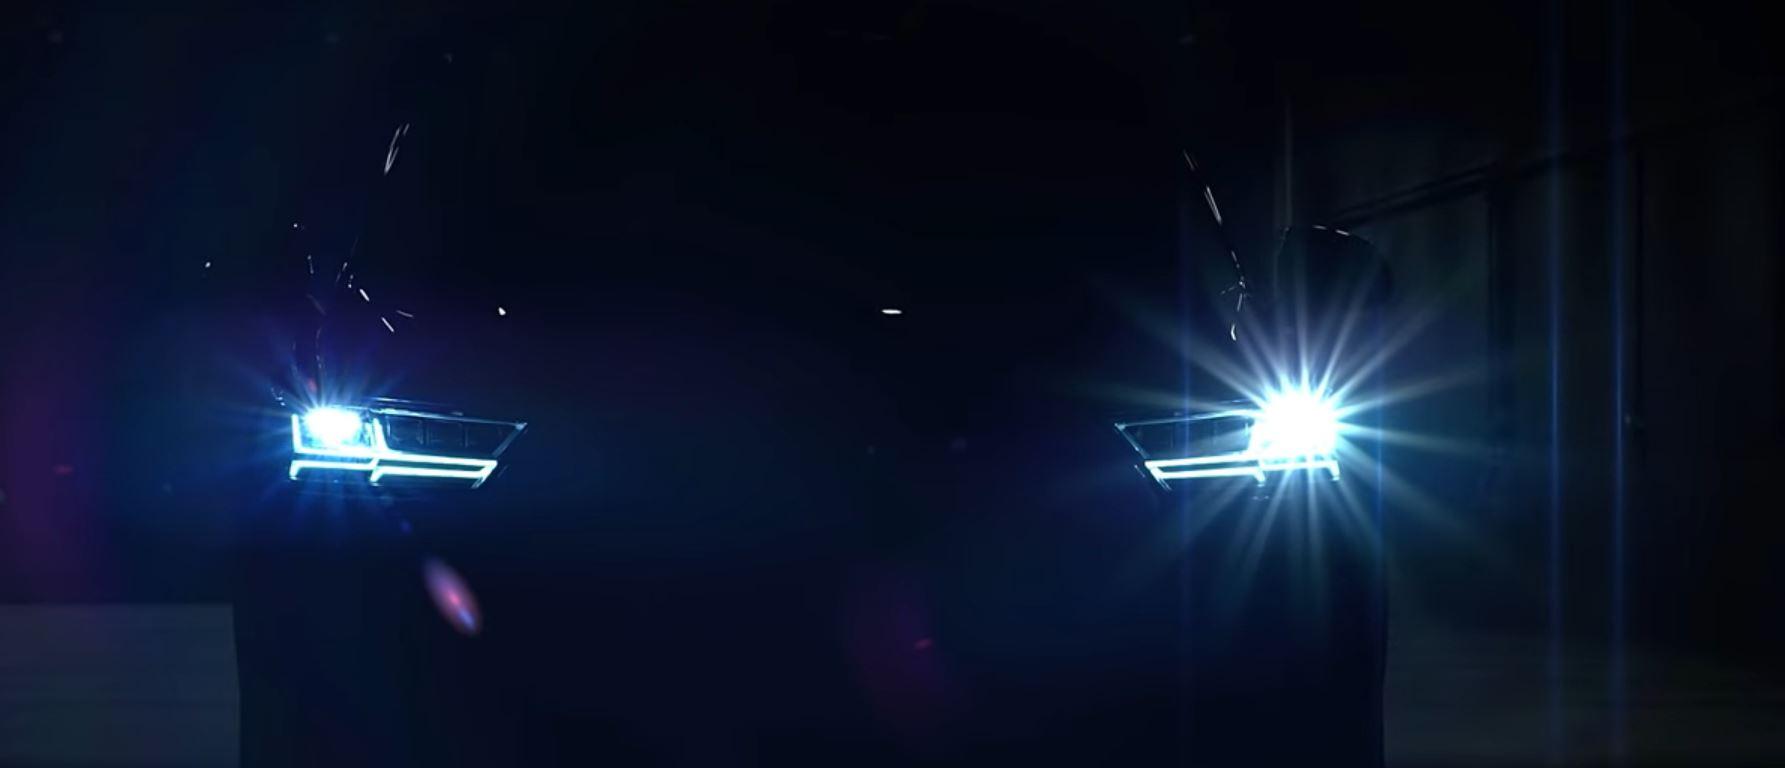 Показан автомобиль с современным ближним светом, имеющий Modern Low Beam с дневными ходовыми огнями